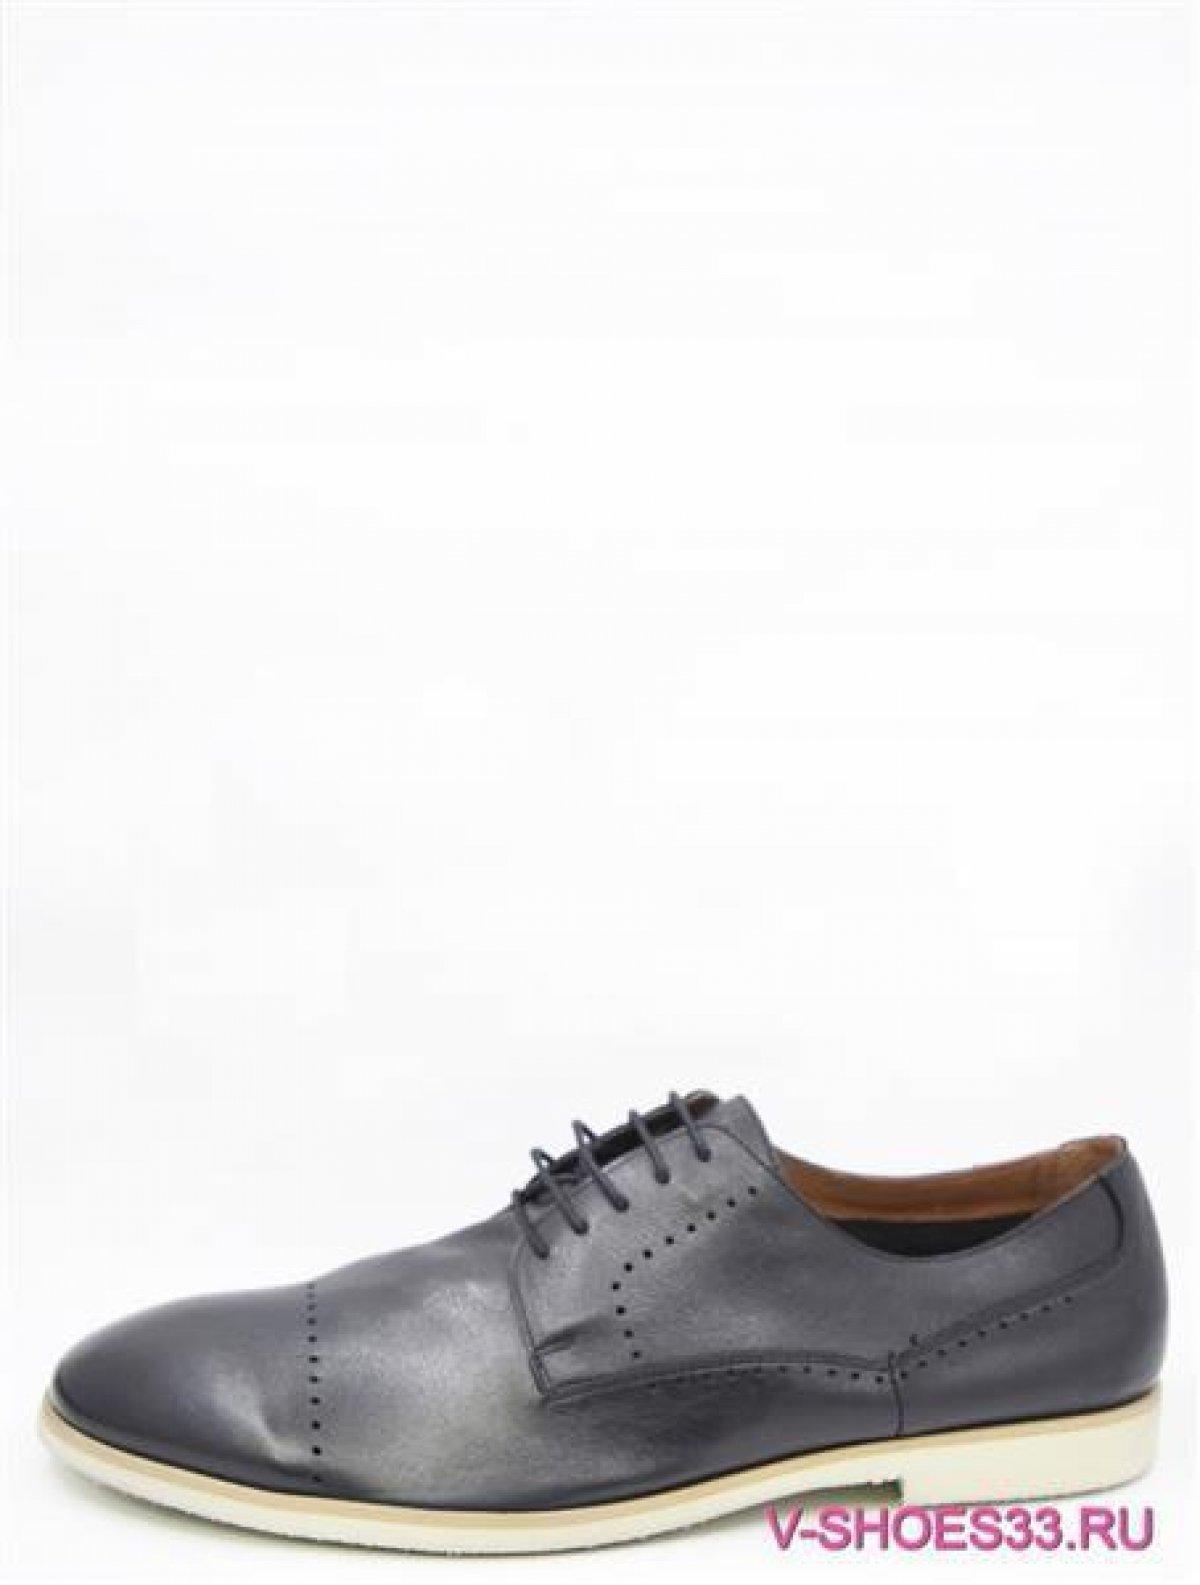 V83-075849 мужские туфли